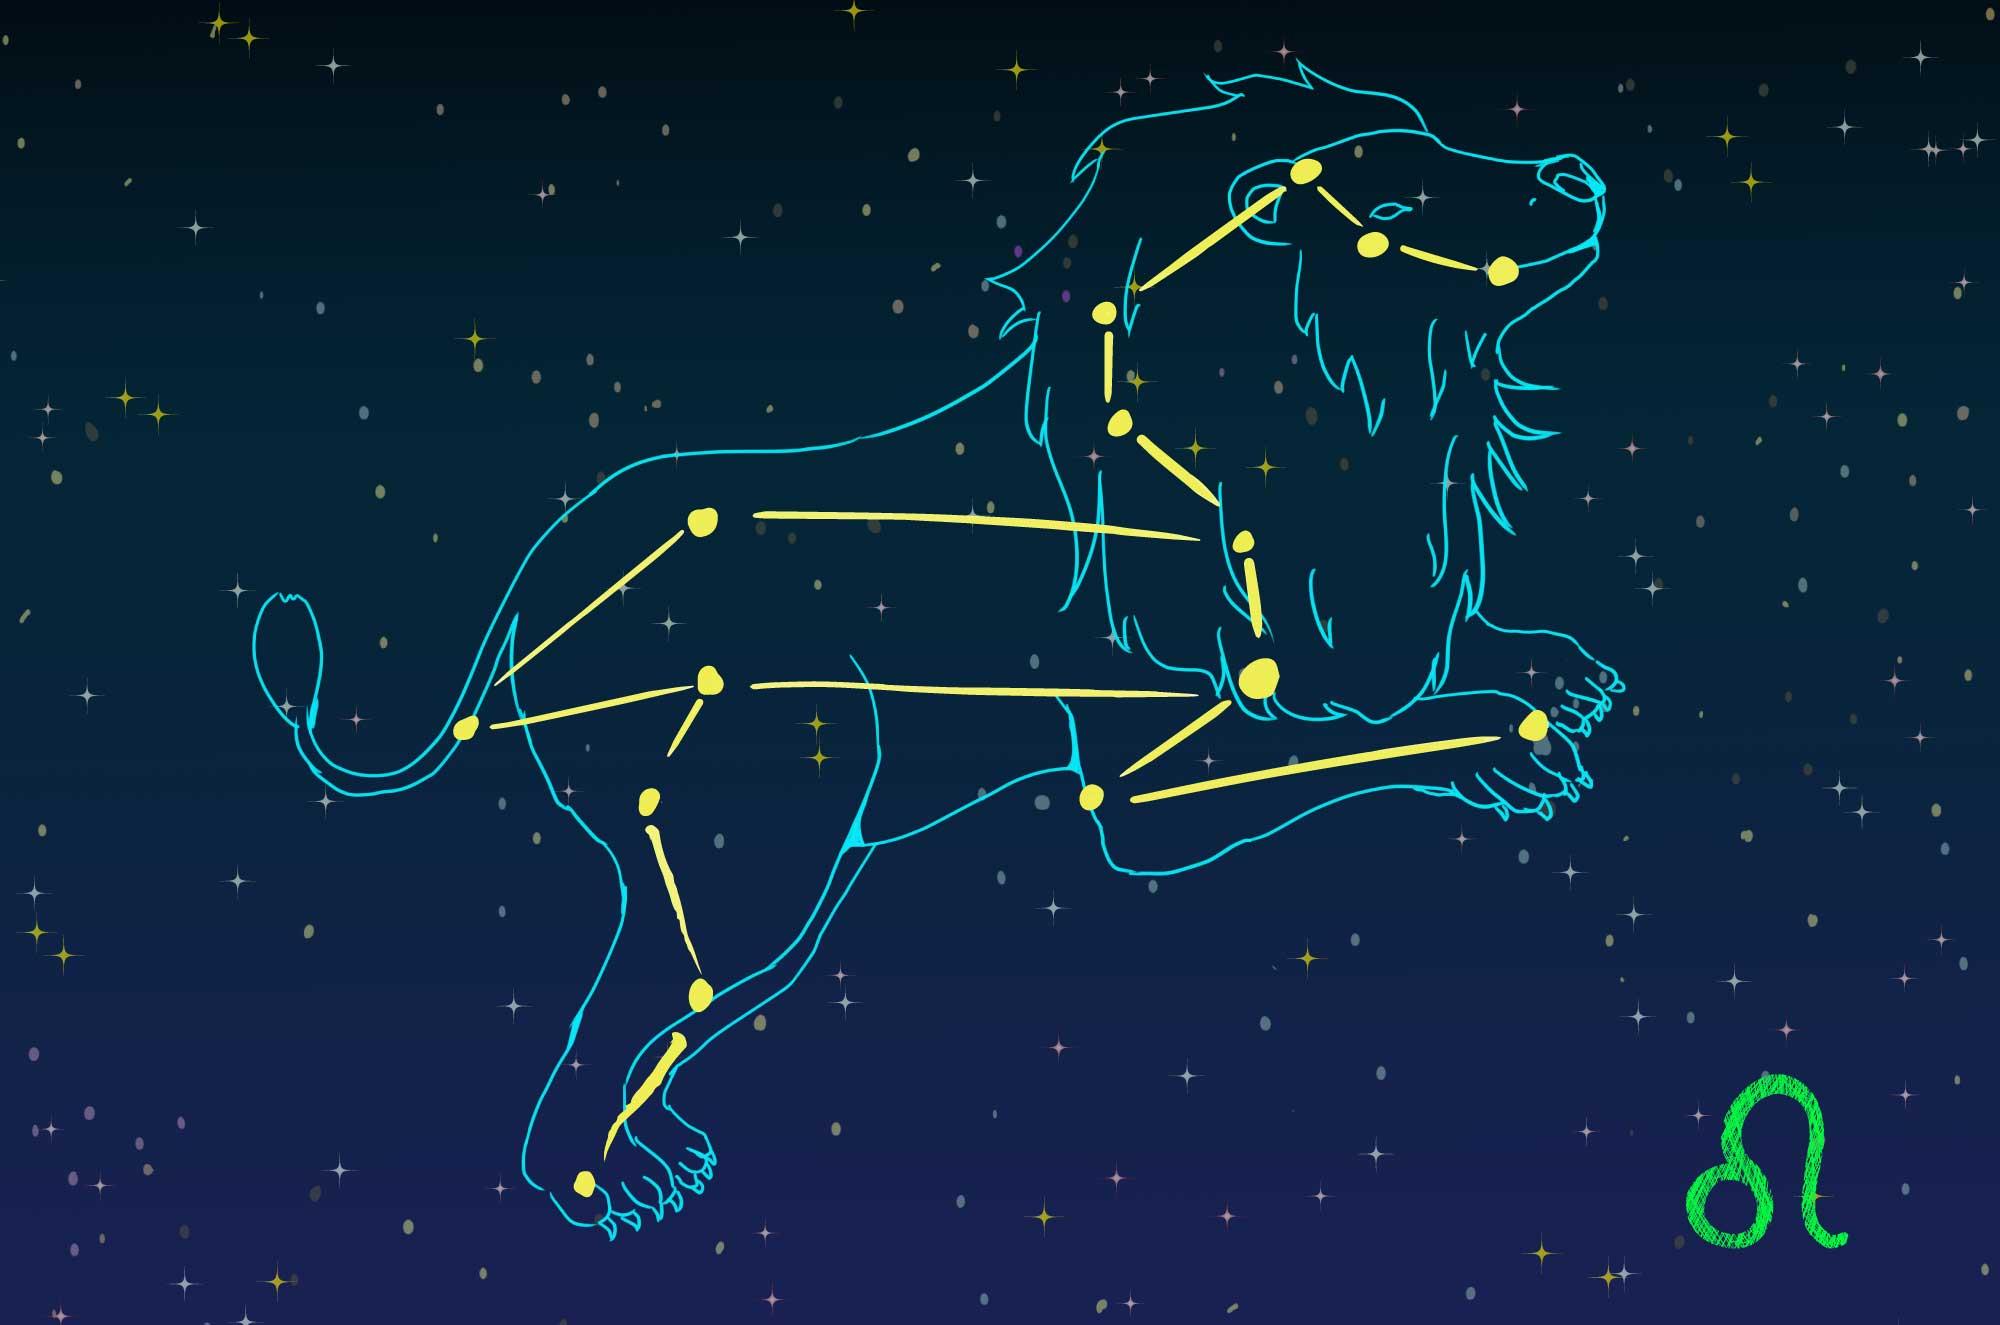 獅子座のイラスト - かっこいい星座の無料素材